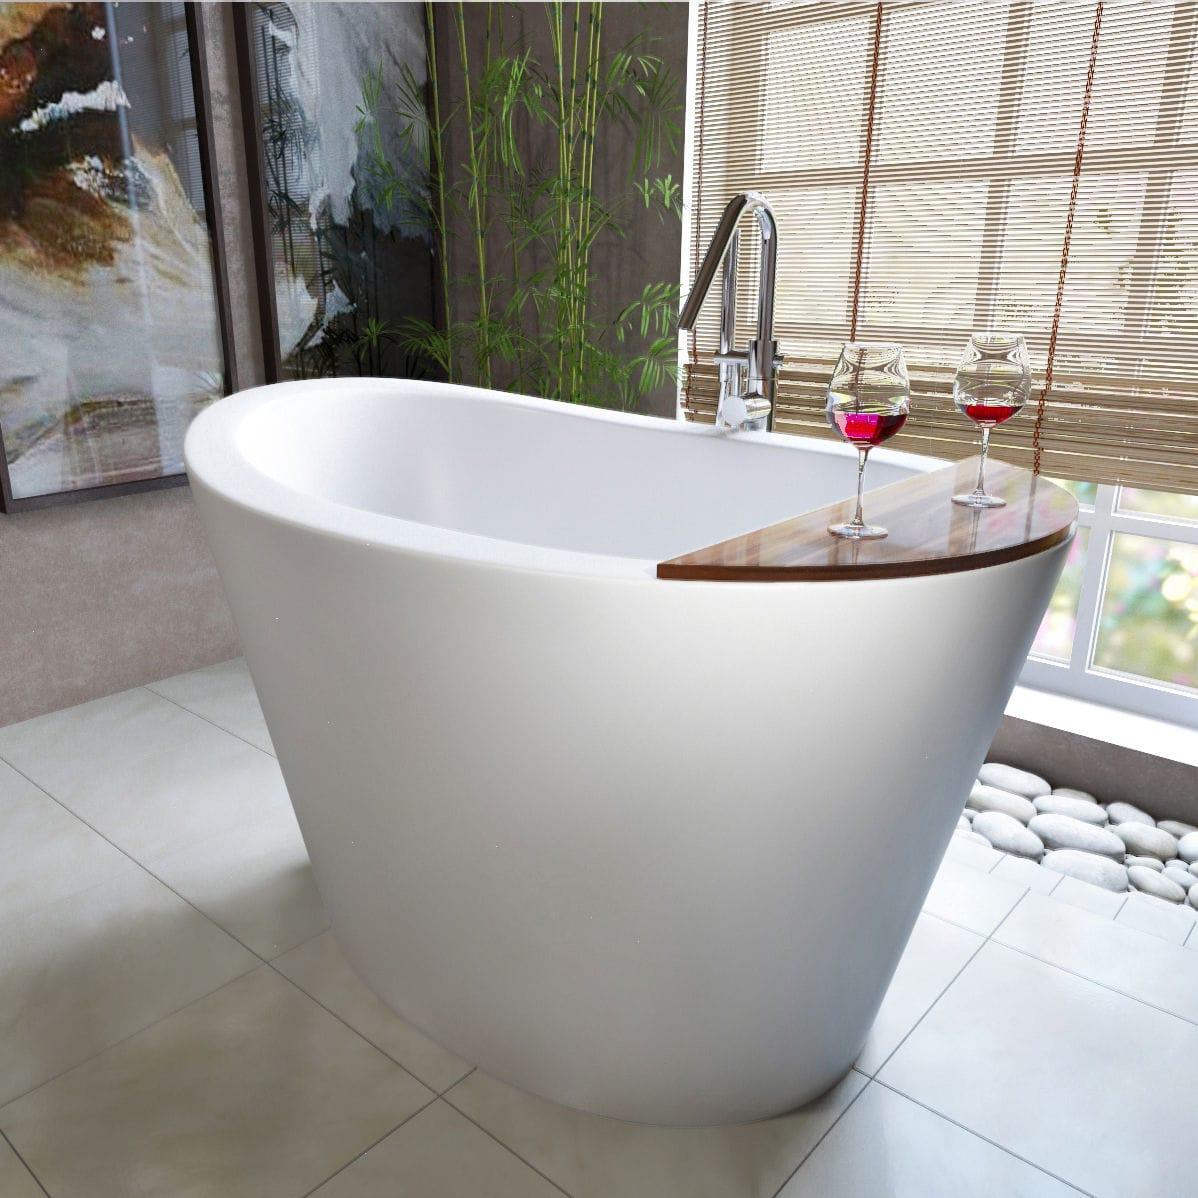 aquatica web freestanding bathtubs trinity high bathtub cast weight products bath wht light stone